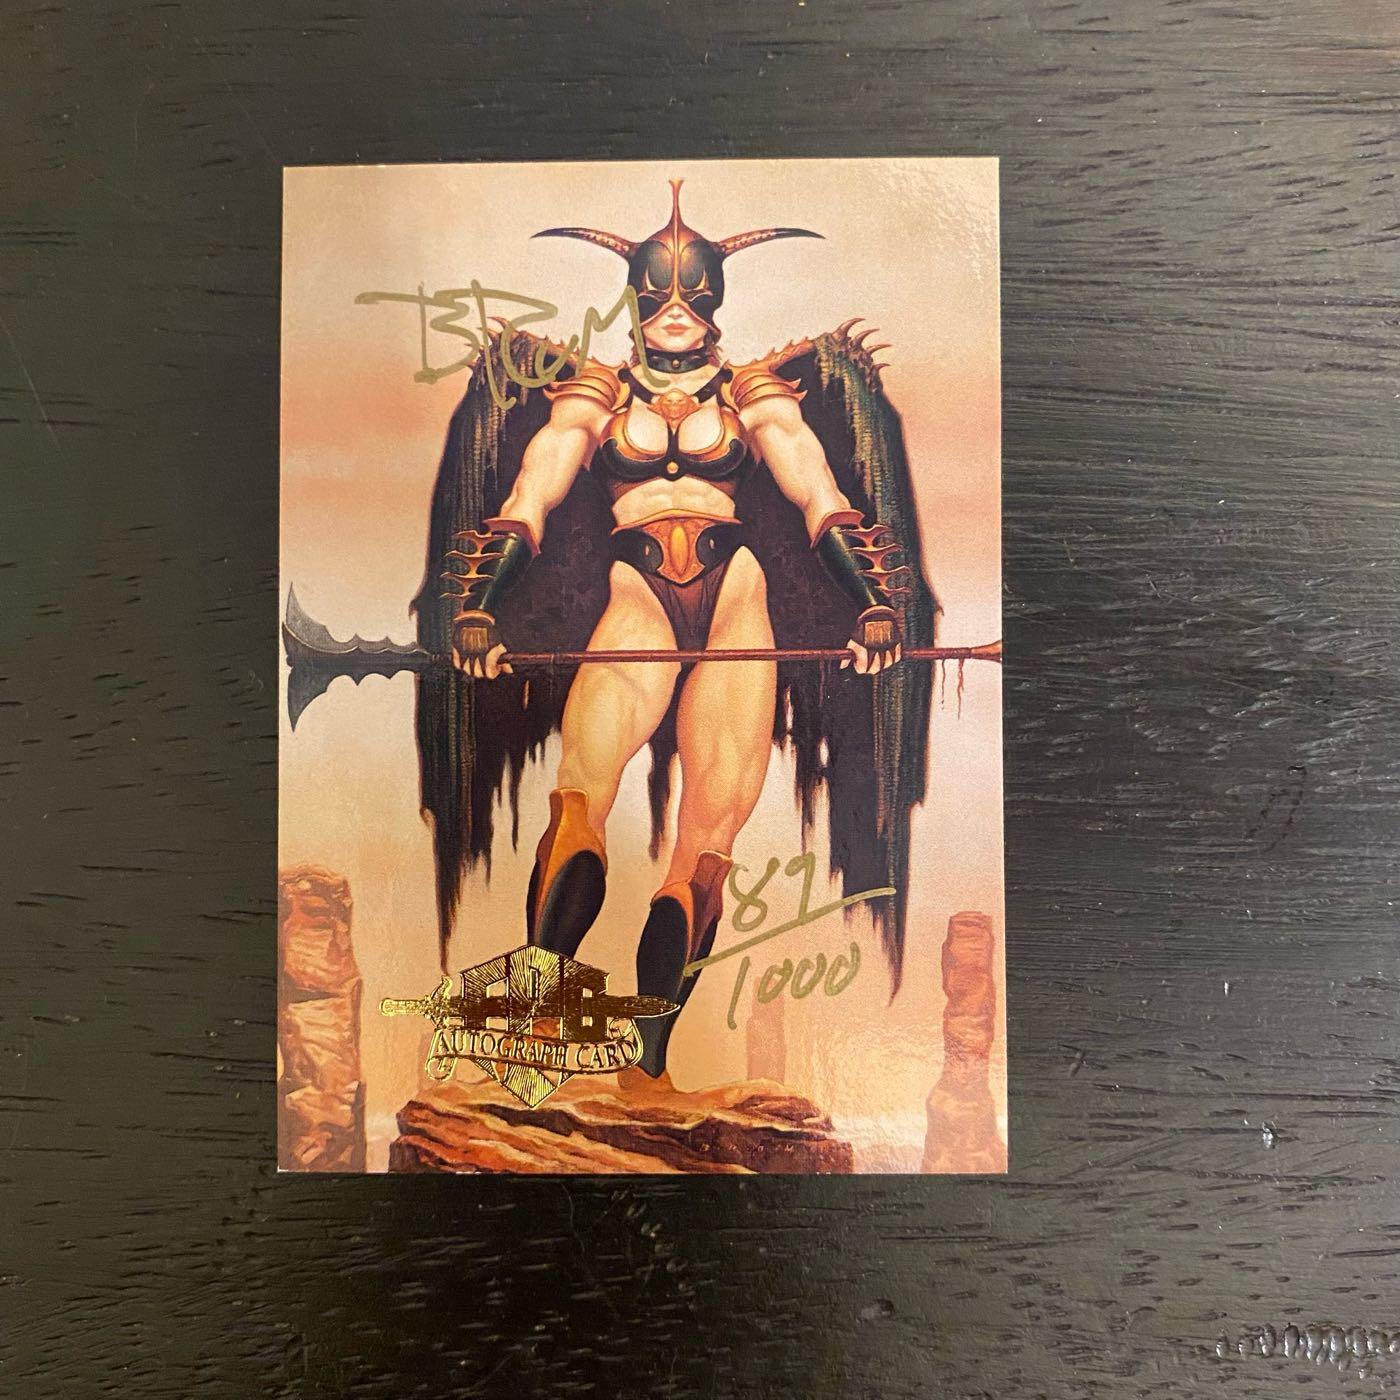 1992 FPG BROM 藝術家 親筆簽名 收藏卡 brom art  #89/1000